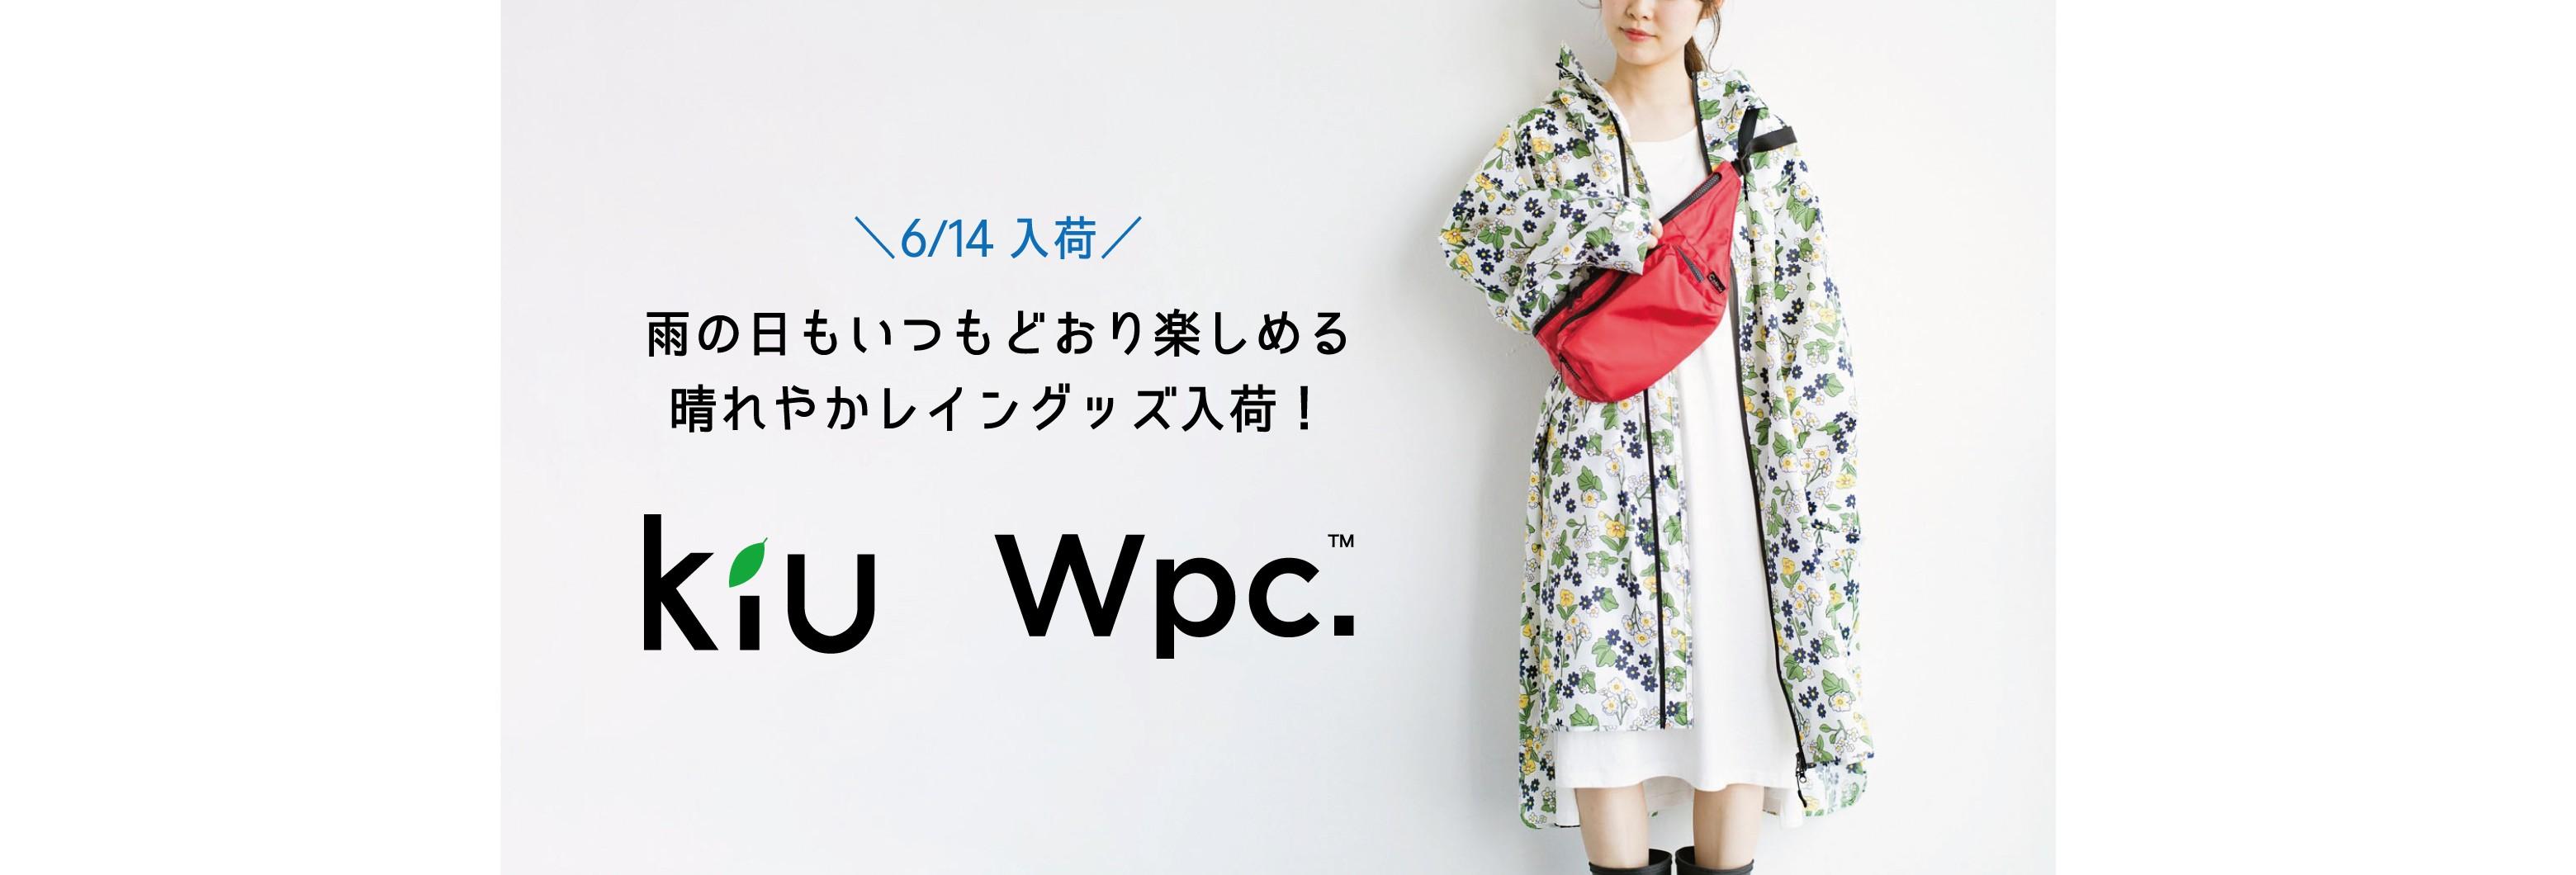 \6/14UP/kiuアイテム、Wpc.アイテム入荷しました!